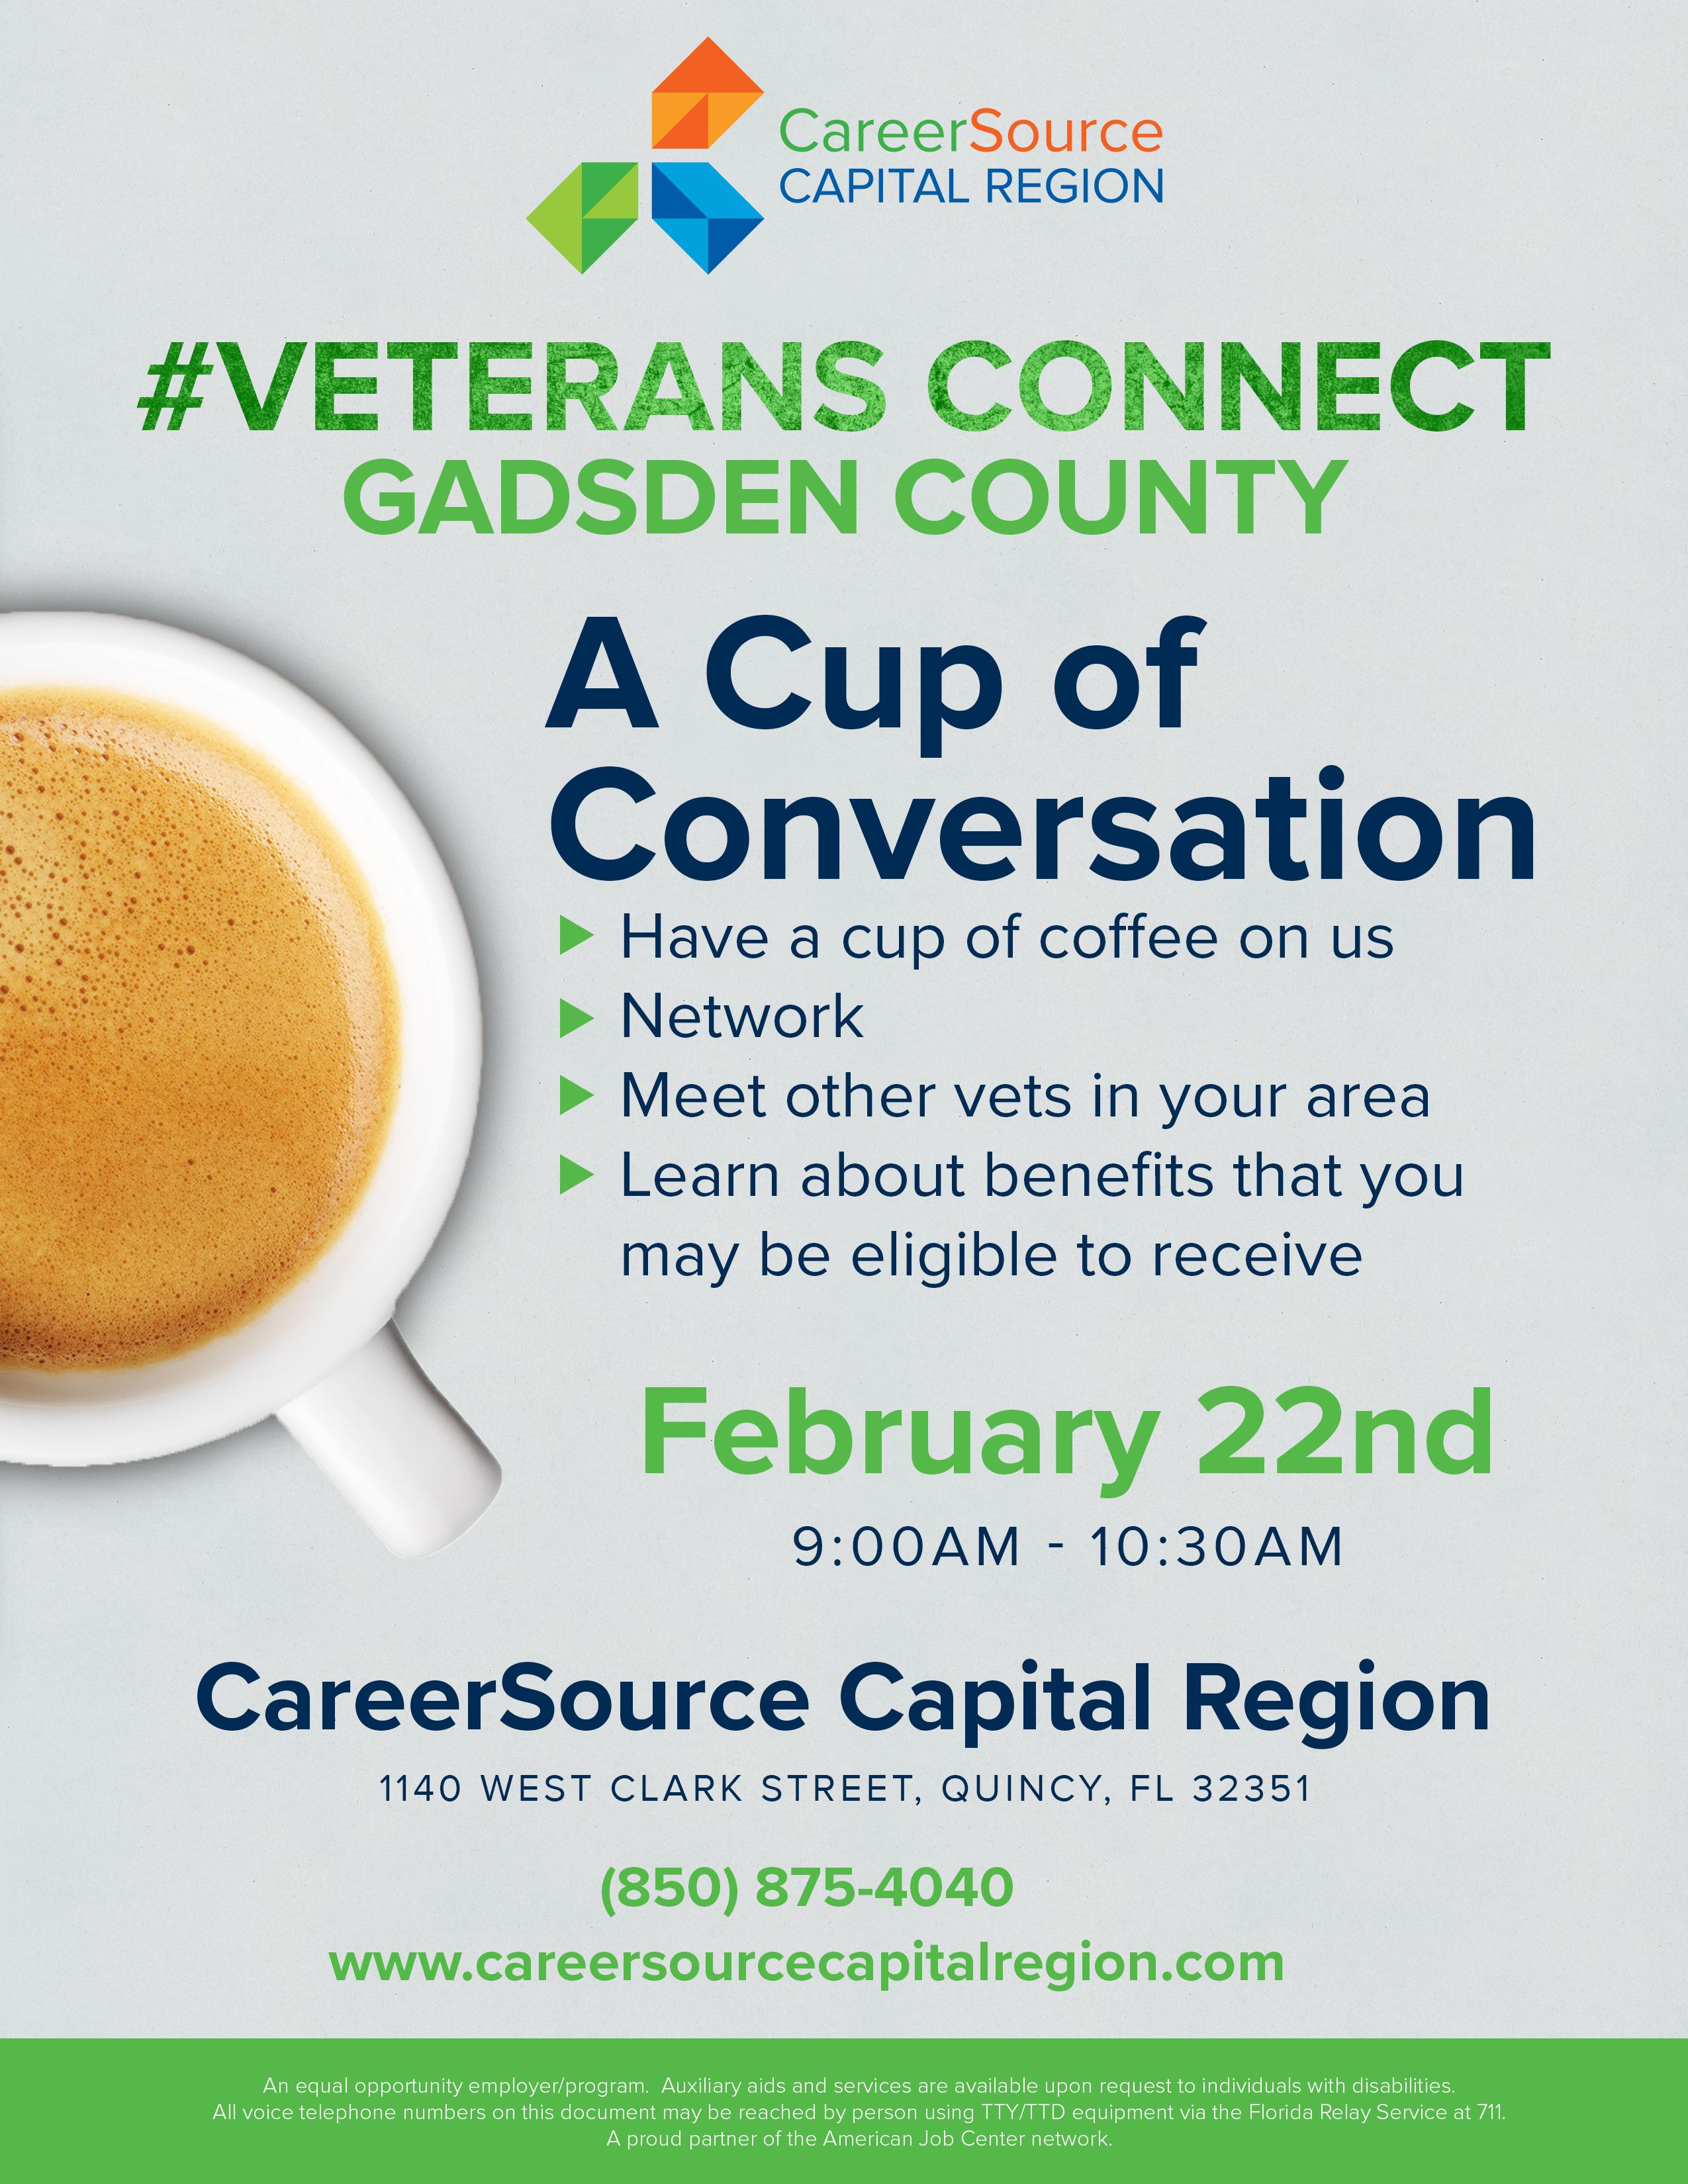 Veterans Connect